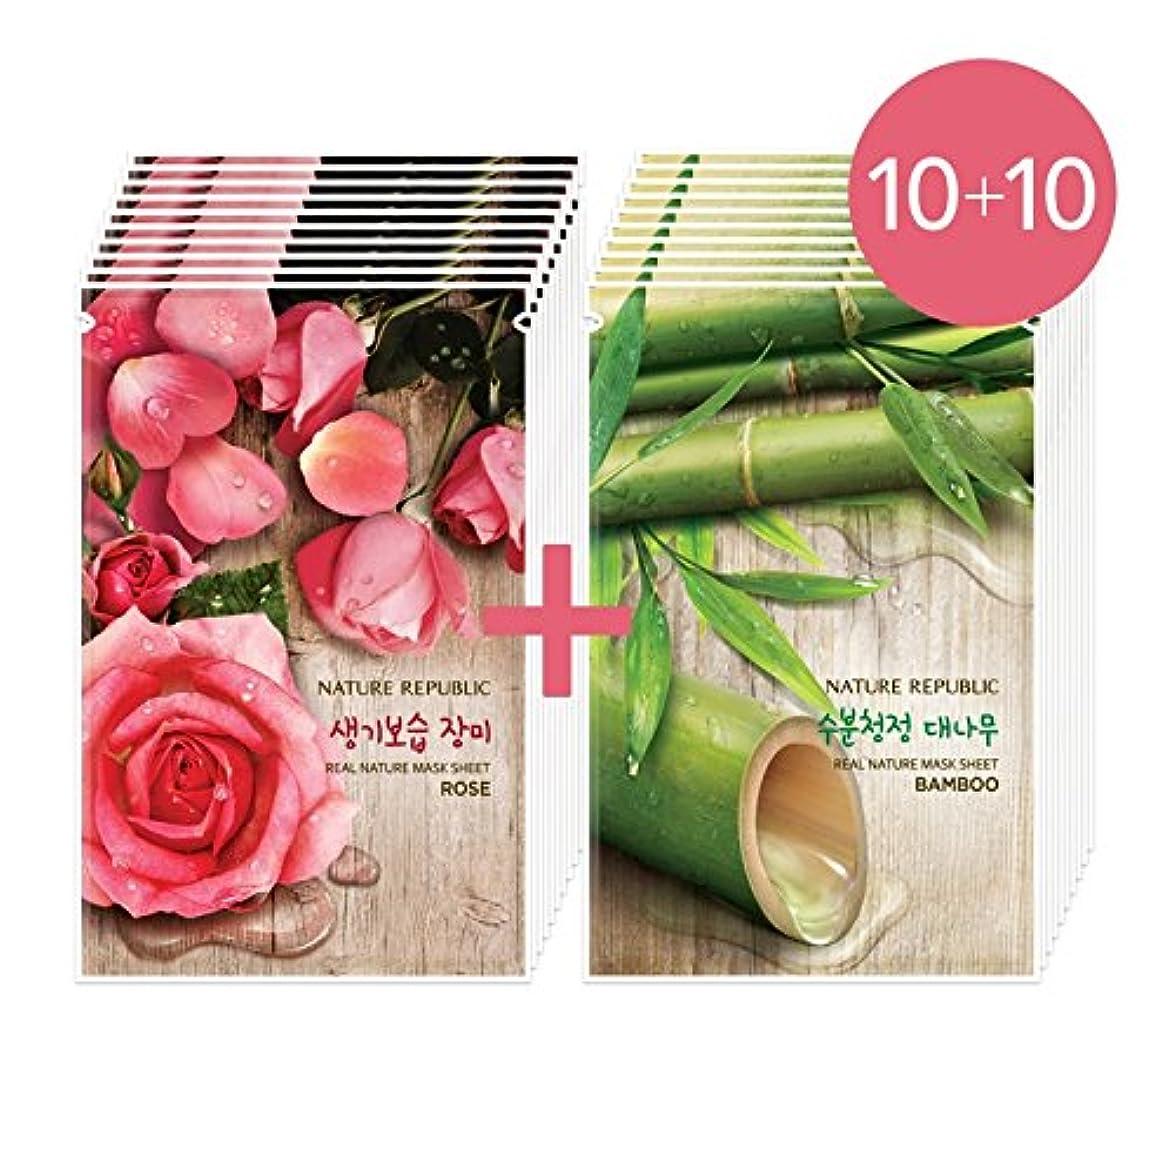 髄ホールド日(10+10) [NATURE REPUBLIC] リアルネイチャー マスクシート Real Nature Mask Sheet (Bamboo (竹) 10本 + Rose (ローズ) 10本) [並行輸入品]